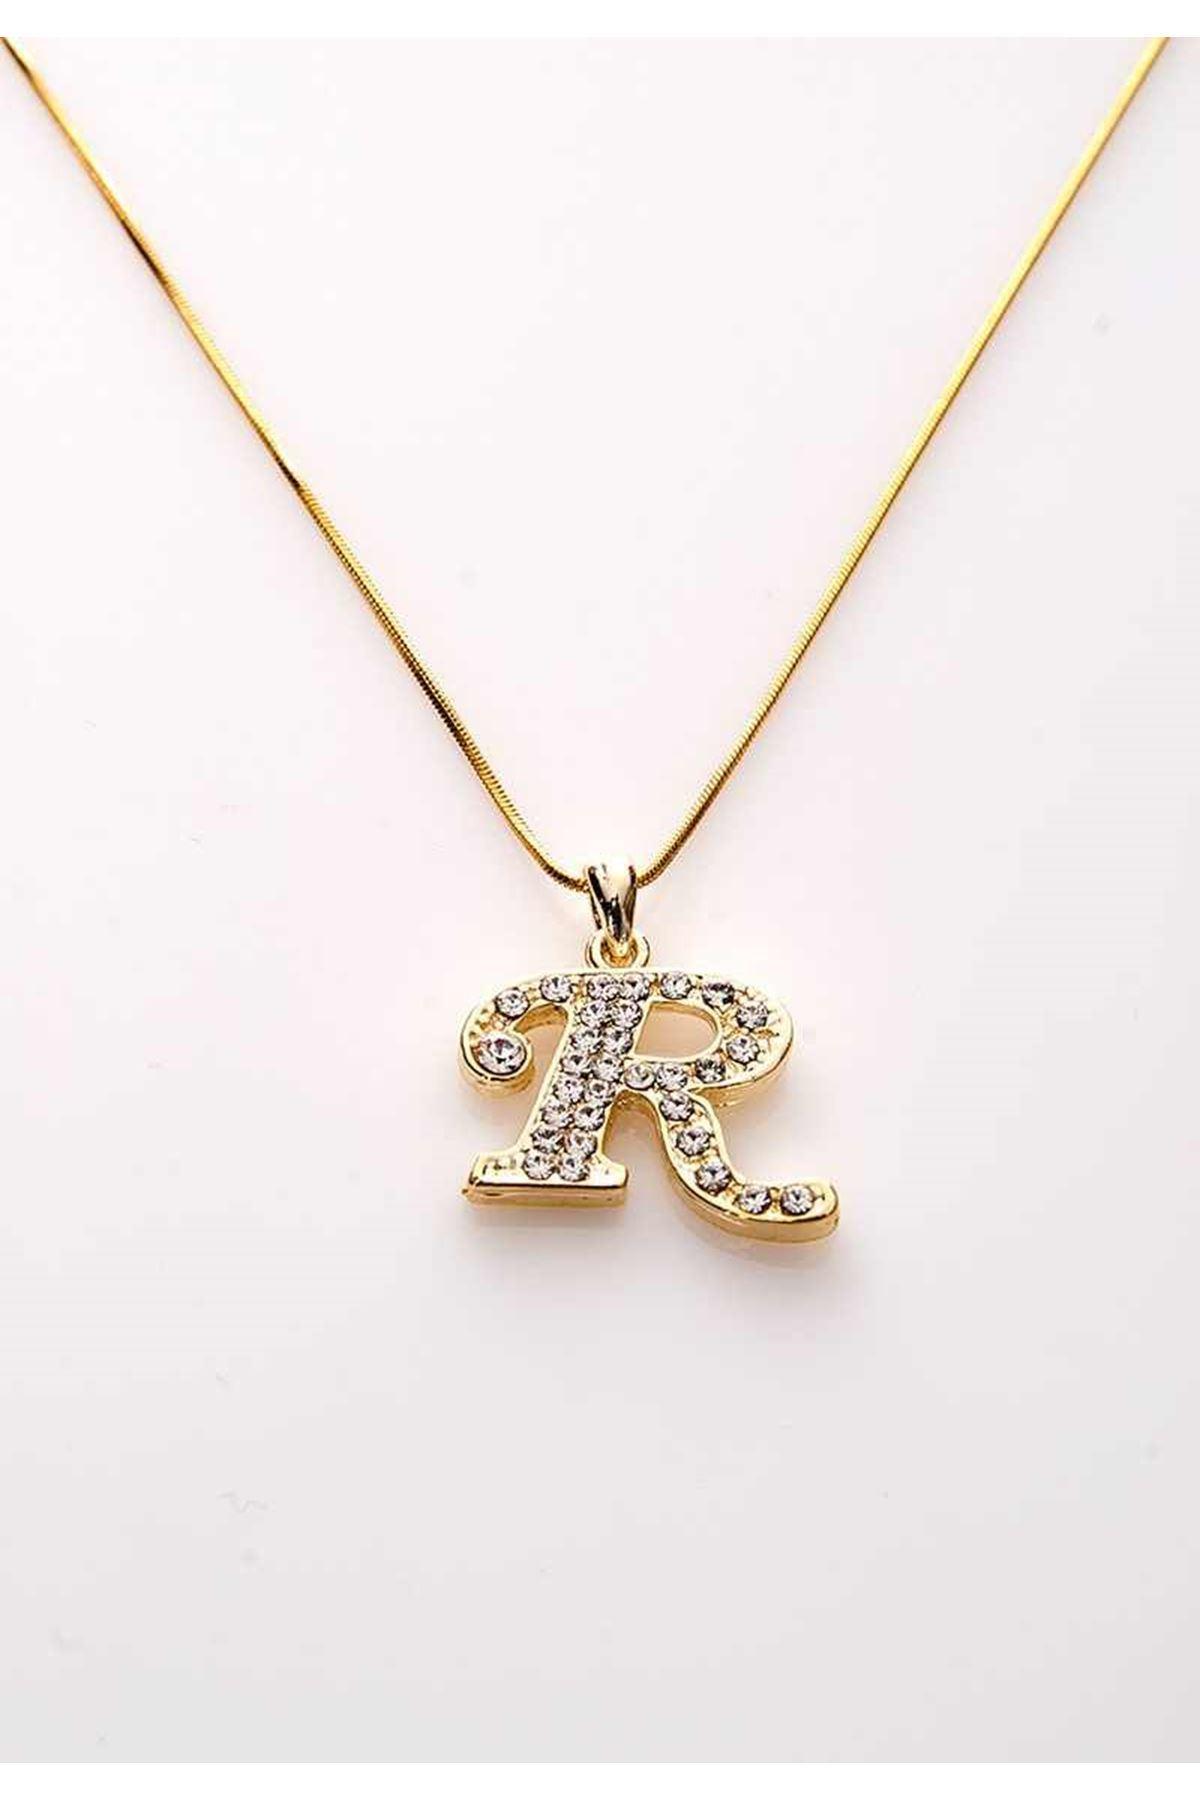 Gold Taşlı S Harf Kolye 11Ç-107854